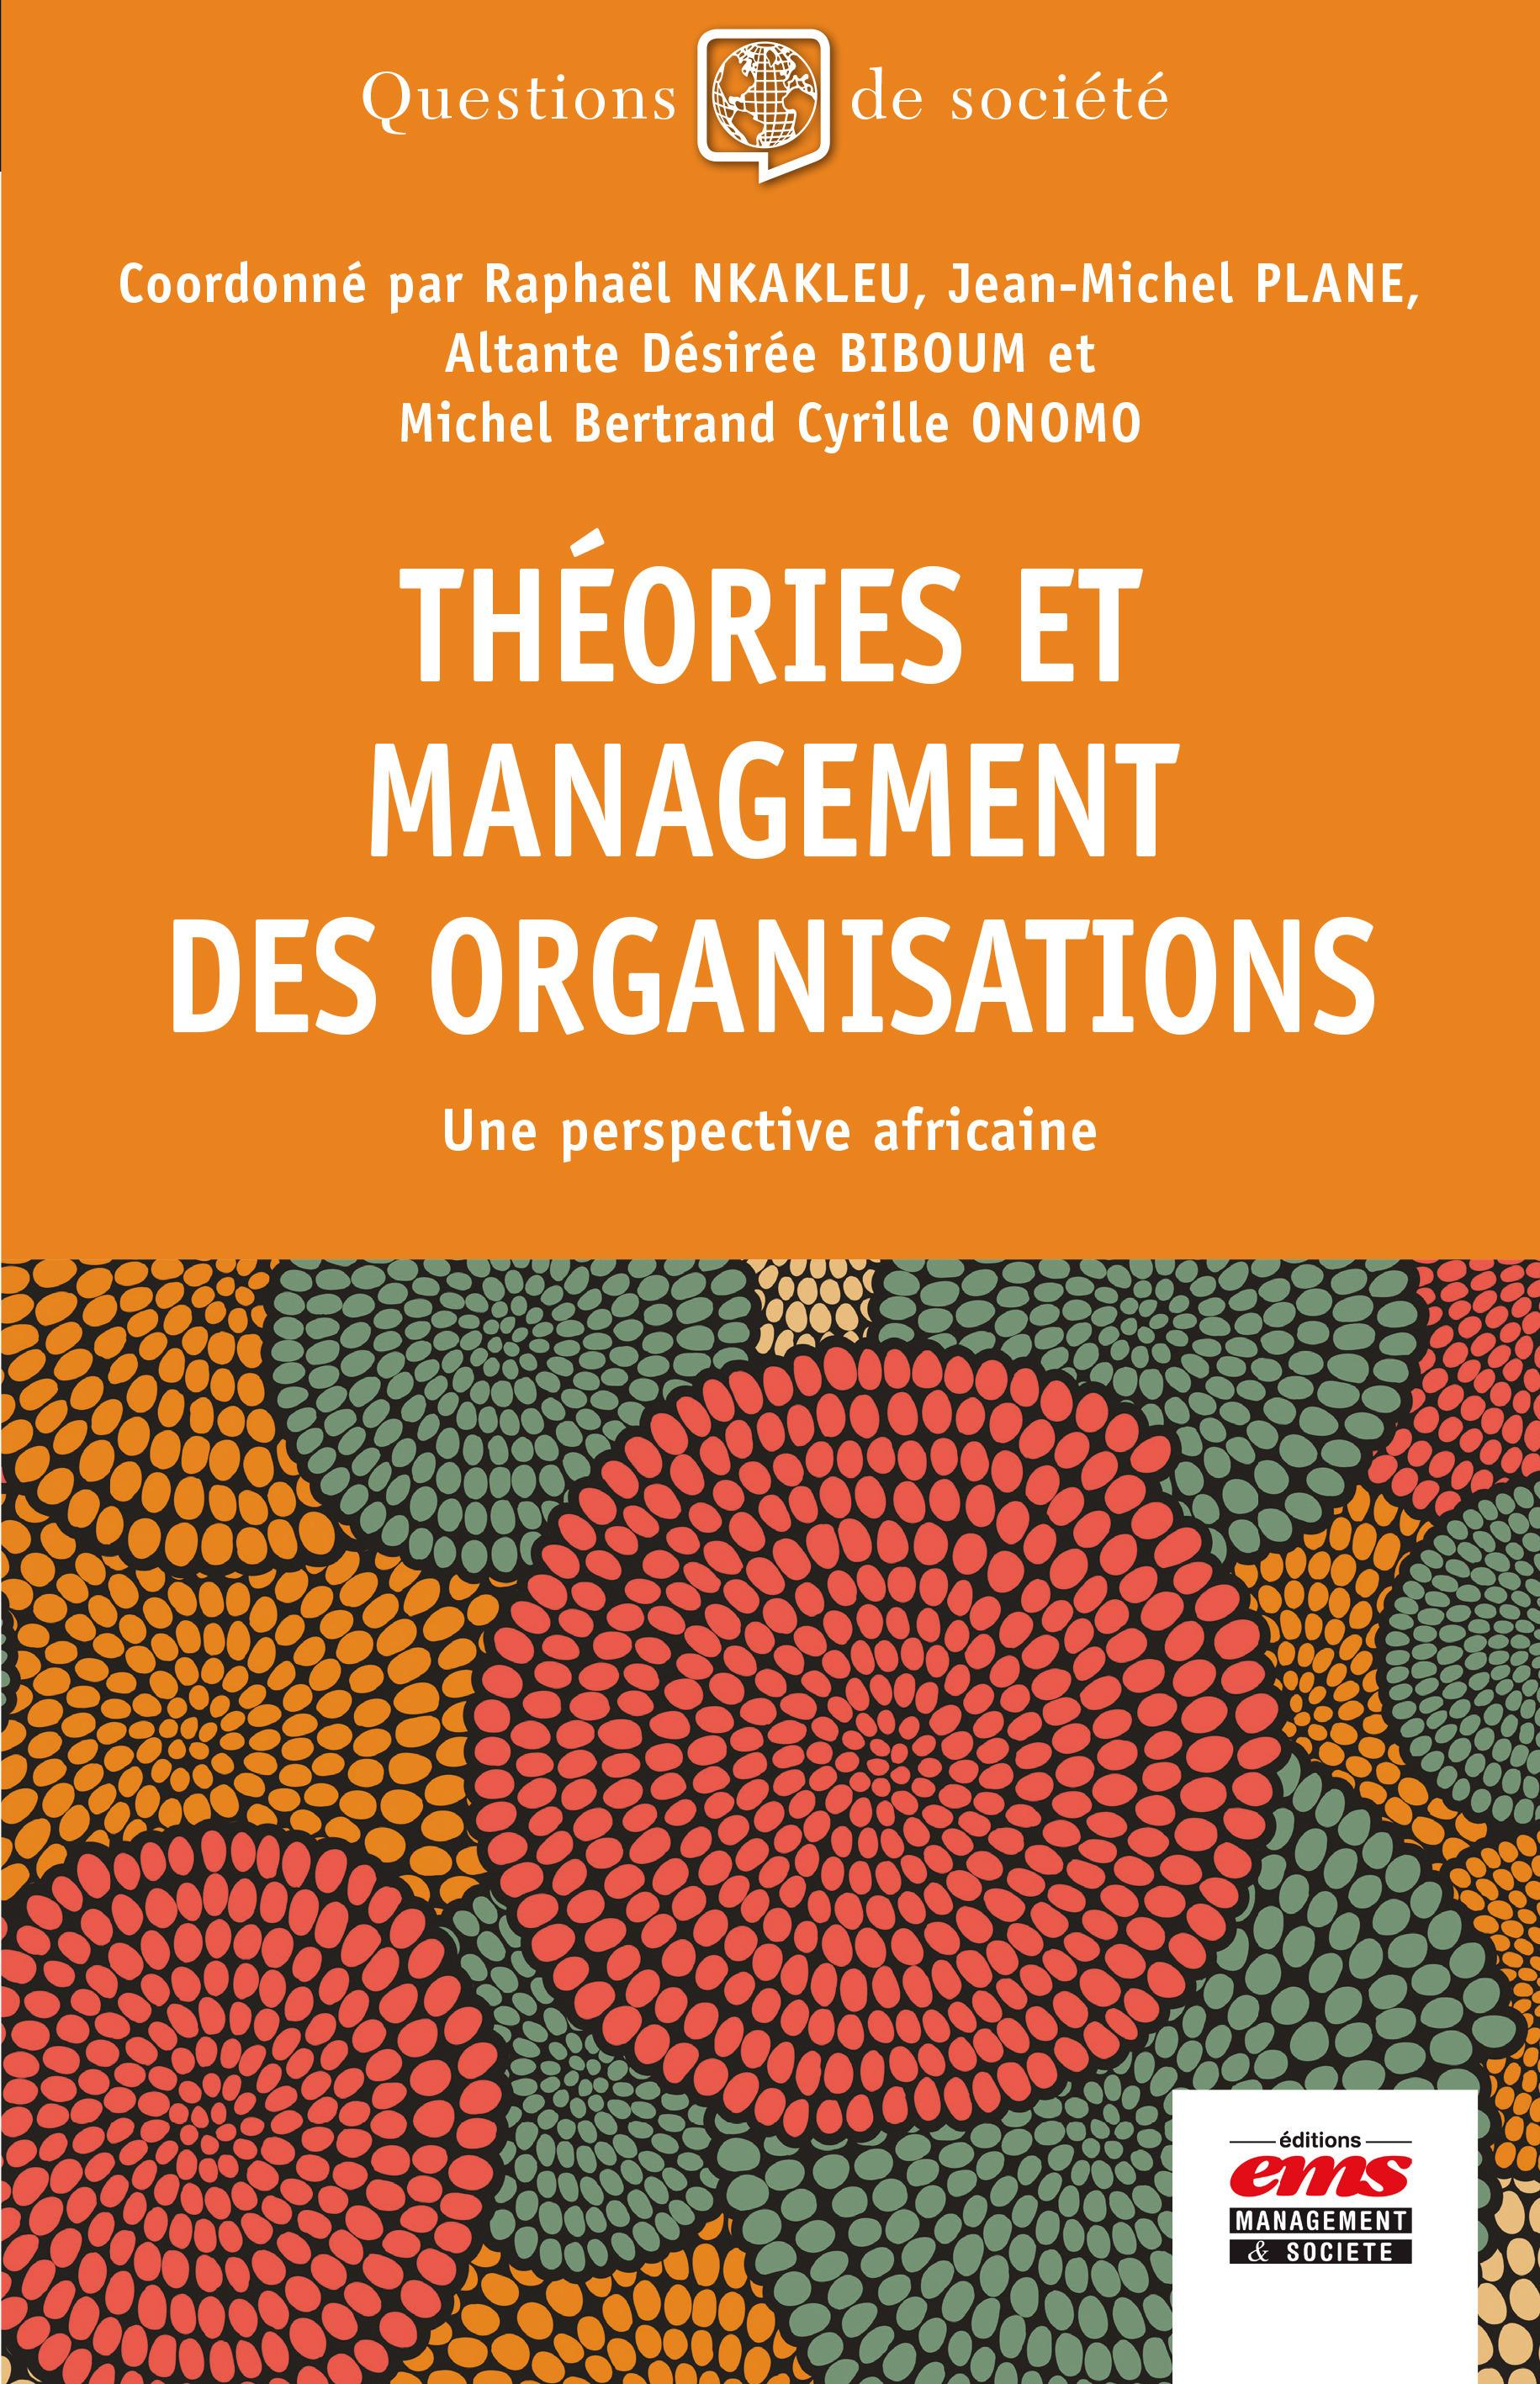 Théories et management des organisations